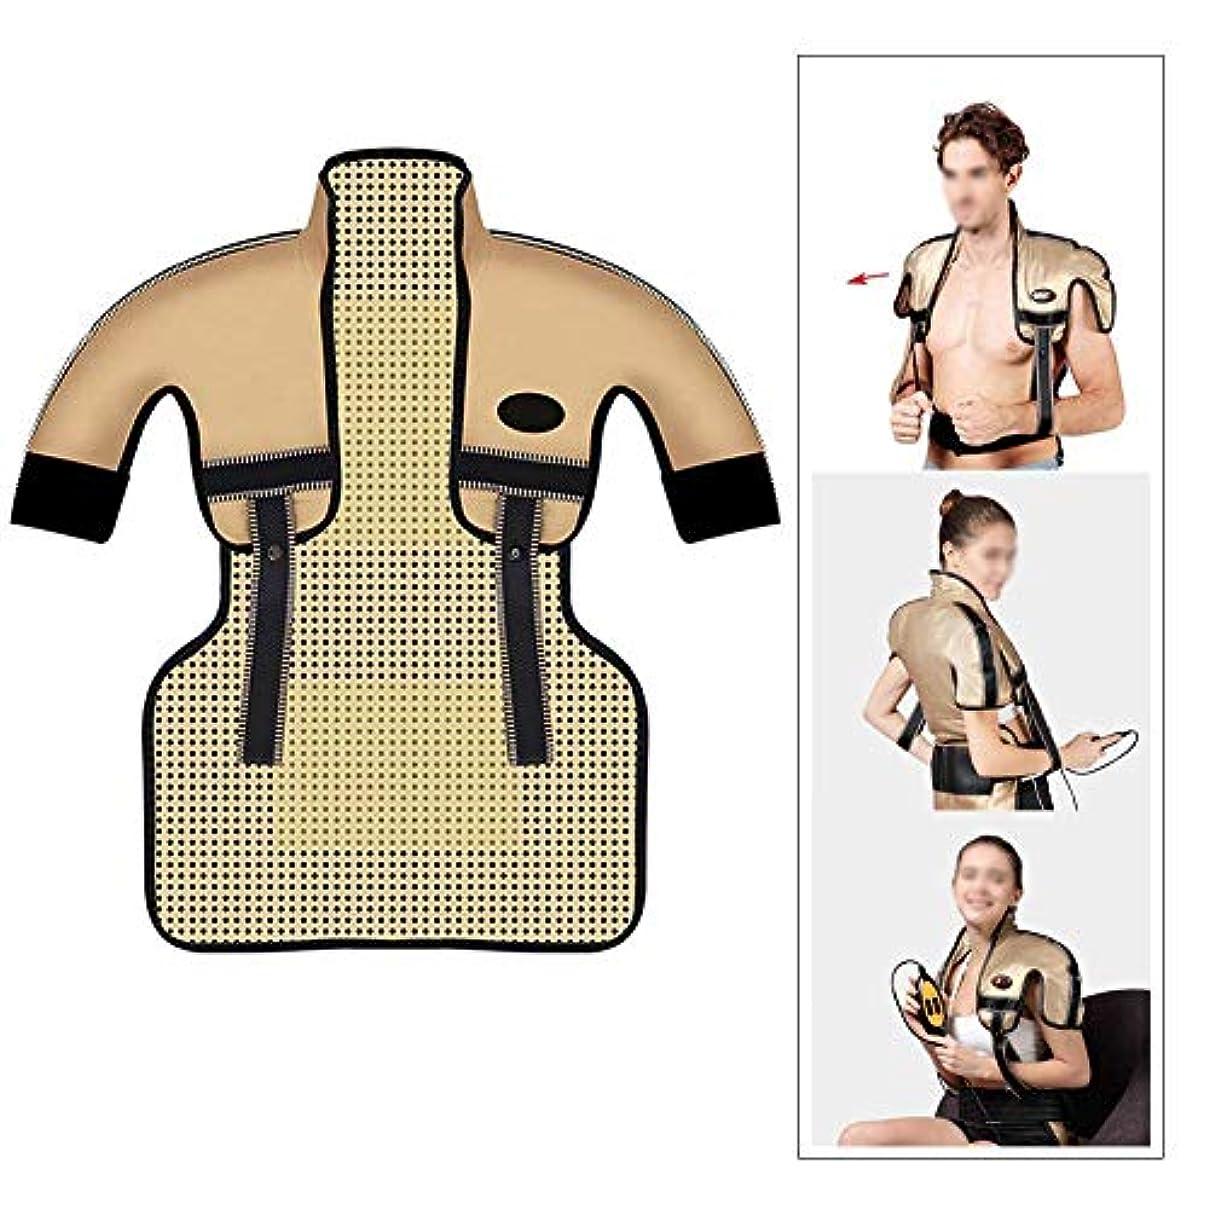 不信正気戦術肩と首の電気加熱パッド - 混練加熱、痛みを和らげるヒートパッド、医療用品マッサージベスト(肩幅用:35-50CM)